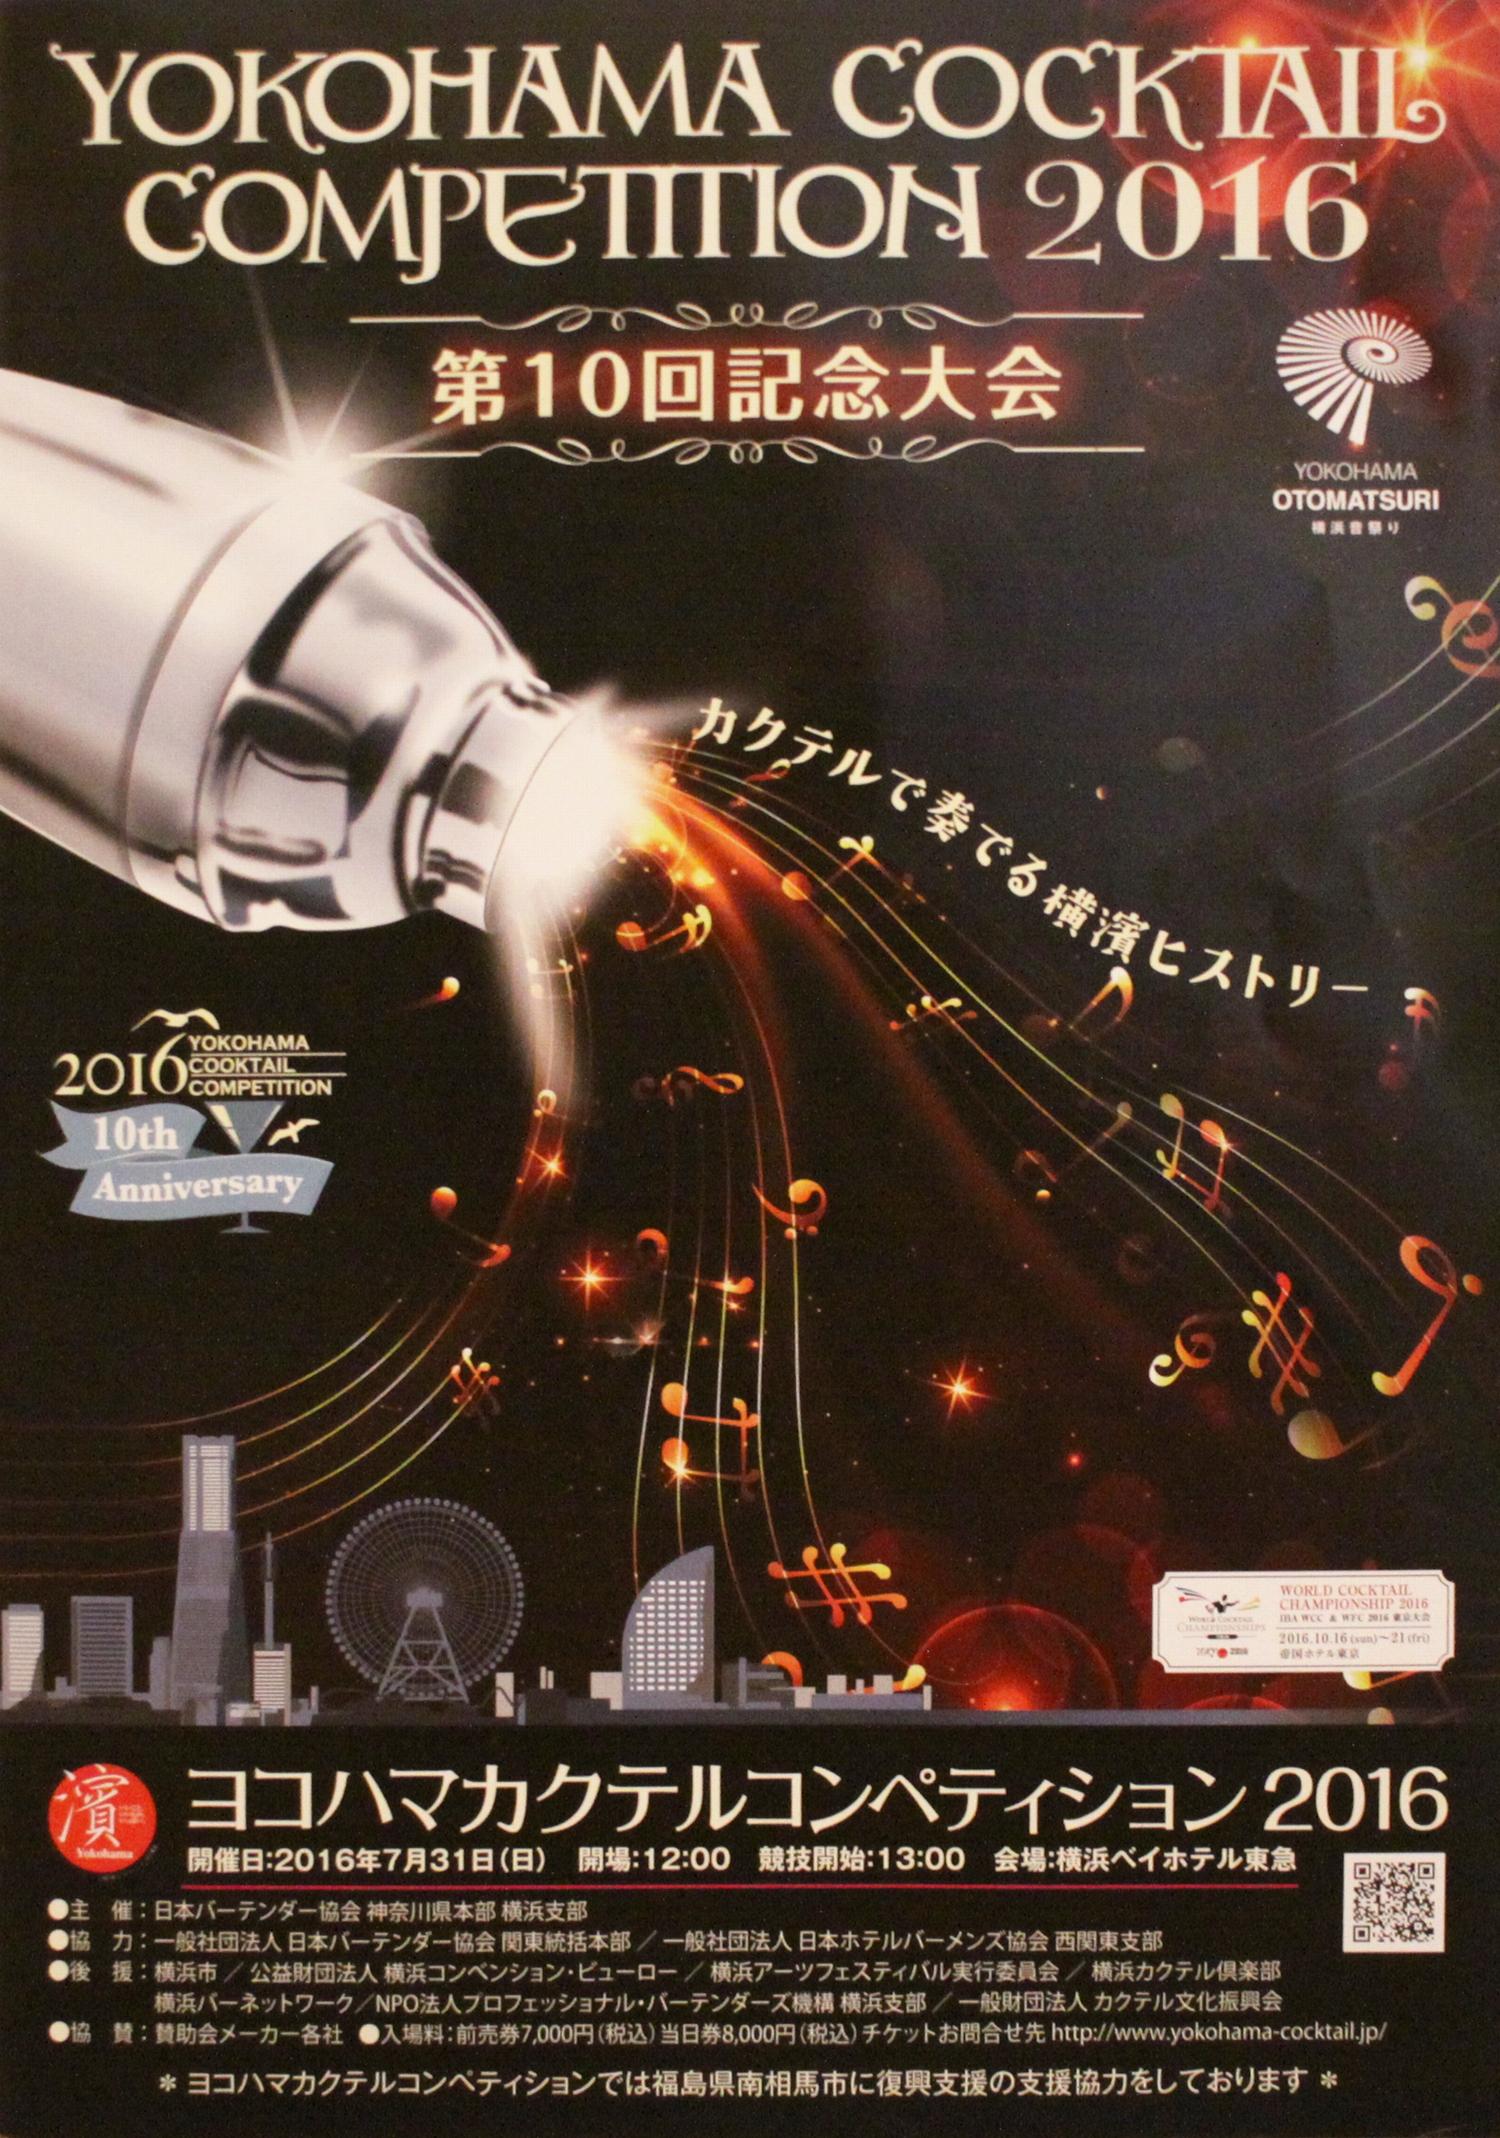 ヨコハマカクテルコンペティション2016 @ 横浜ベイホテル東急 | 横浜市 | 神奈川県 | 日本